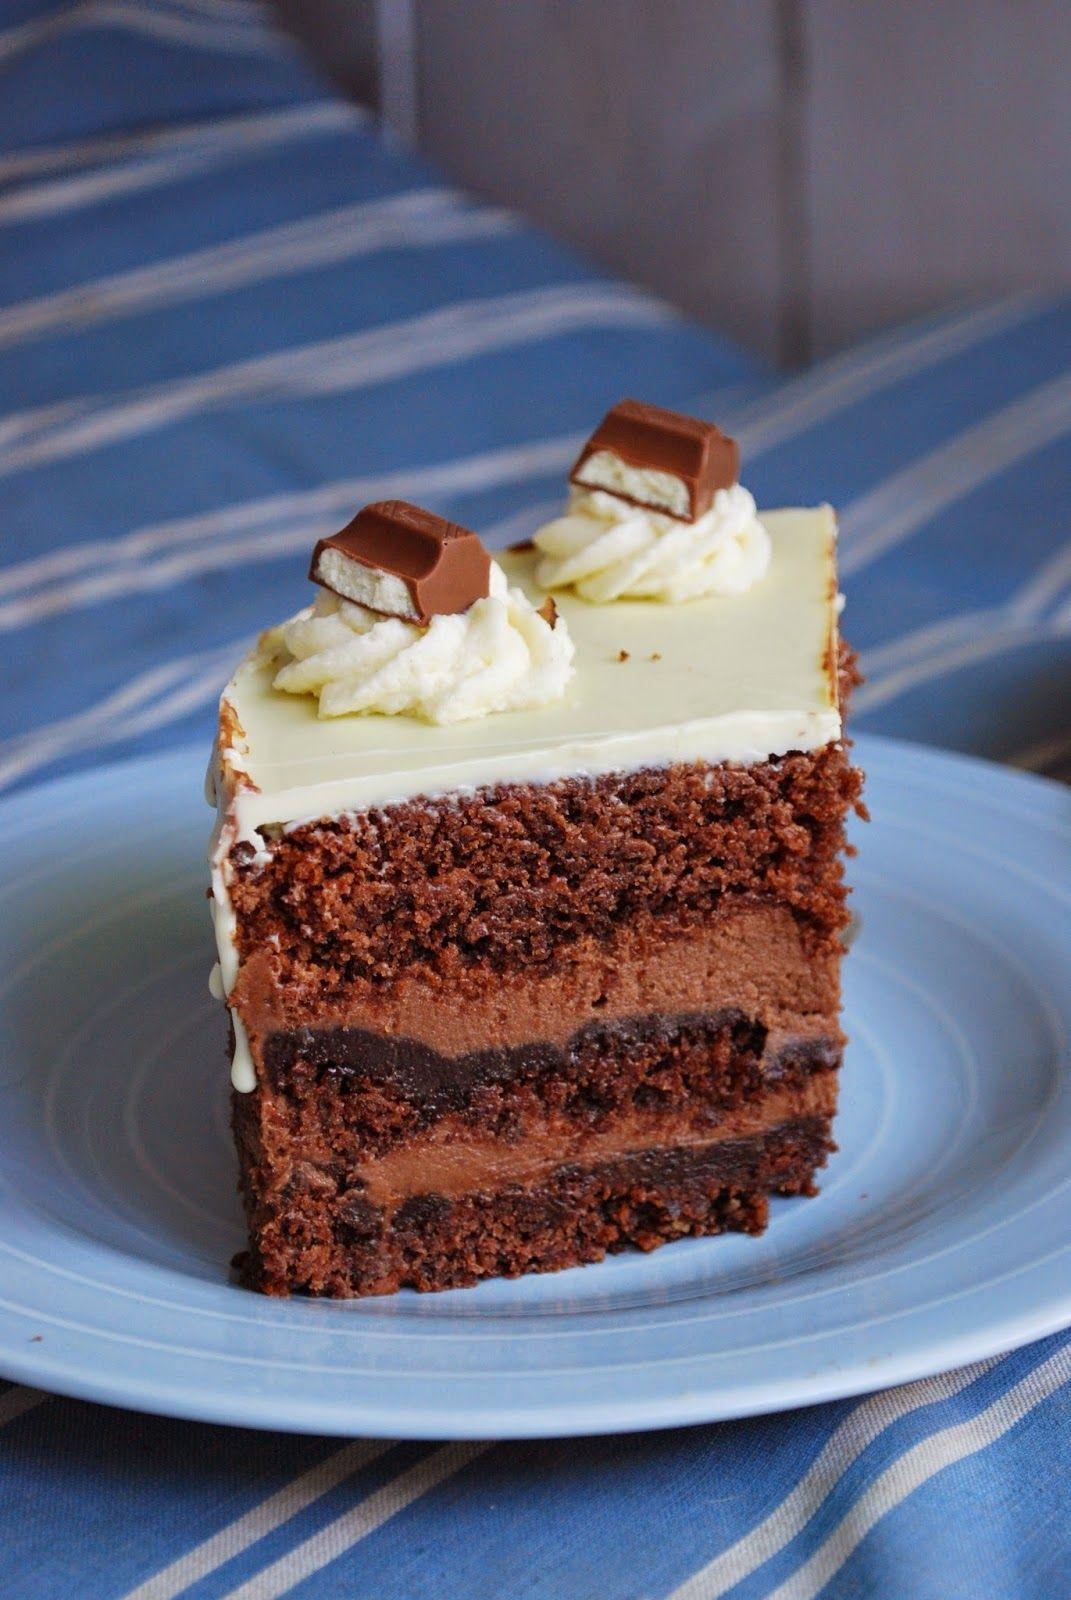 kinder schokolade torte kinder schokolade schokolade. Black Bedroom Furniture Sets. Home Design Ideas